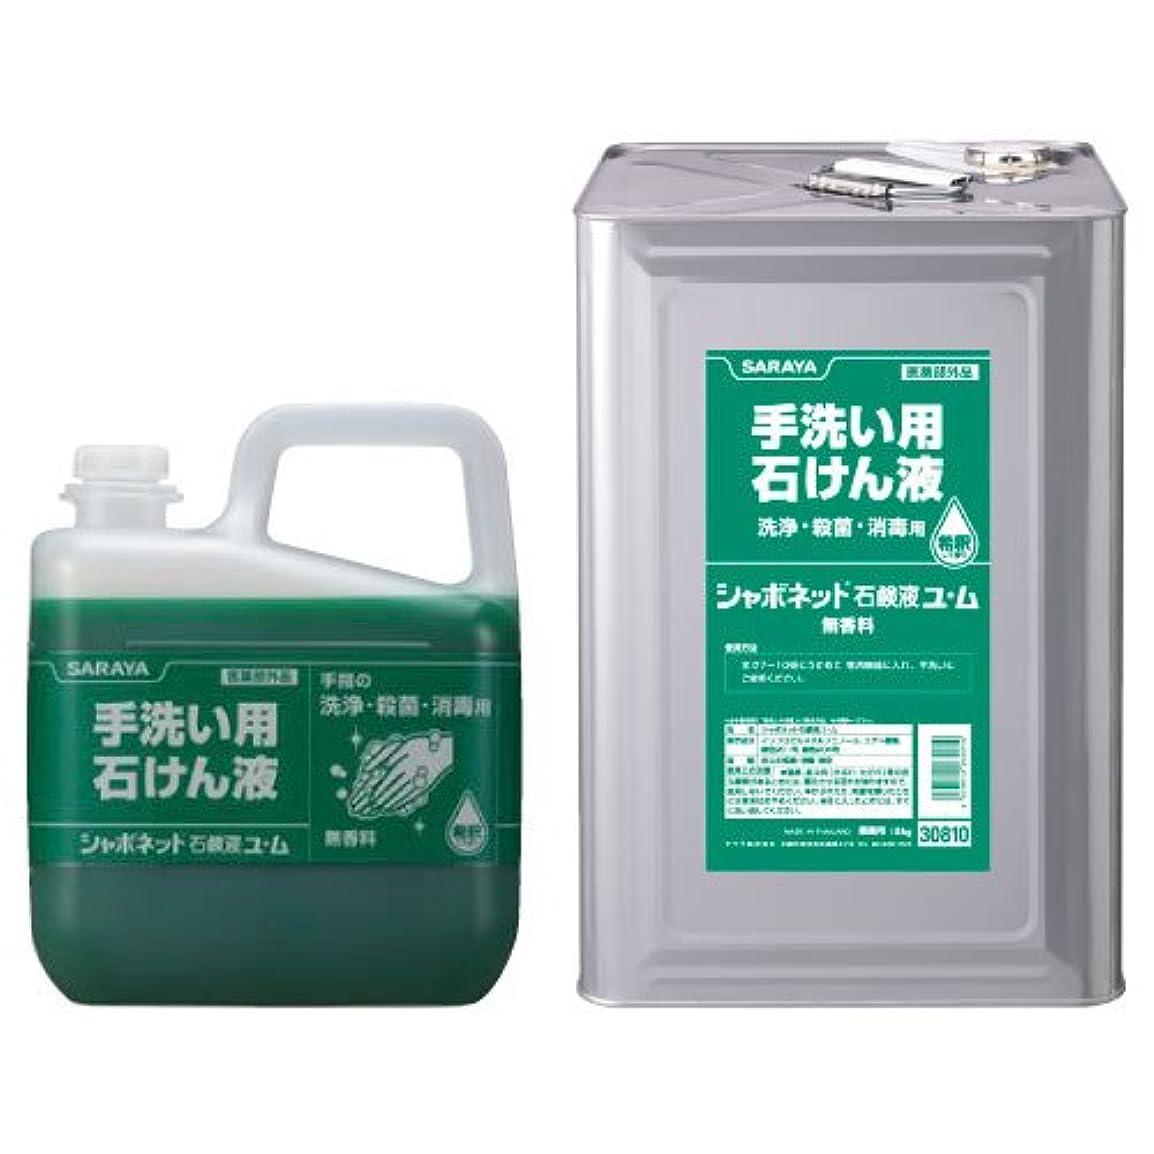 変更可能私のゴシップサラヤ シャボネット 石鹸液 ユ?ム 1kg×12点セット (4987696232020)